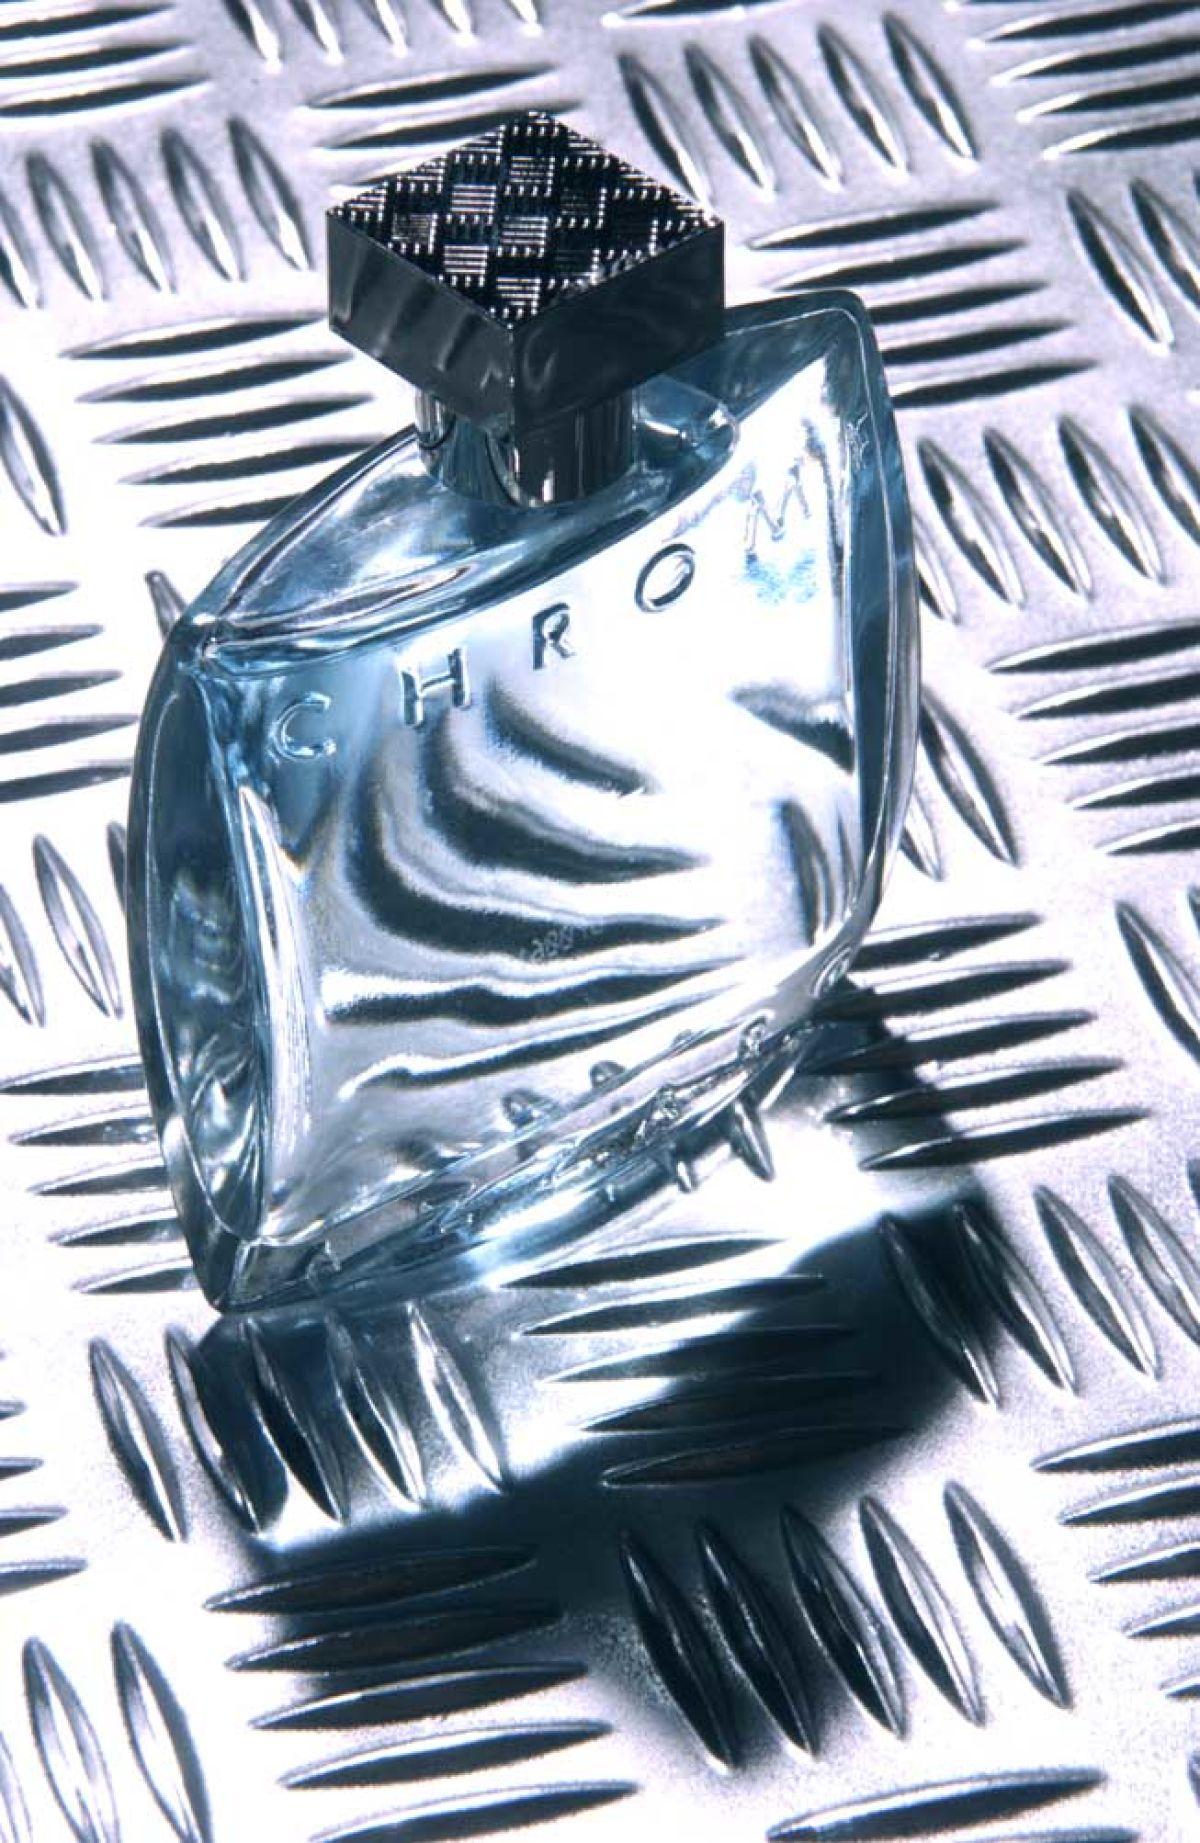 Eiko, Algemene studiofotografie, Happix